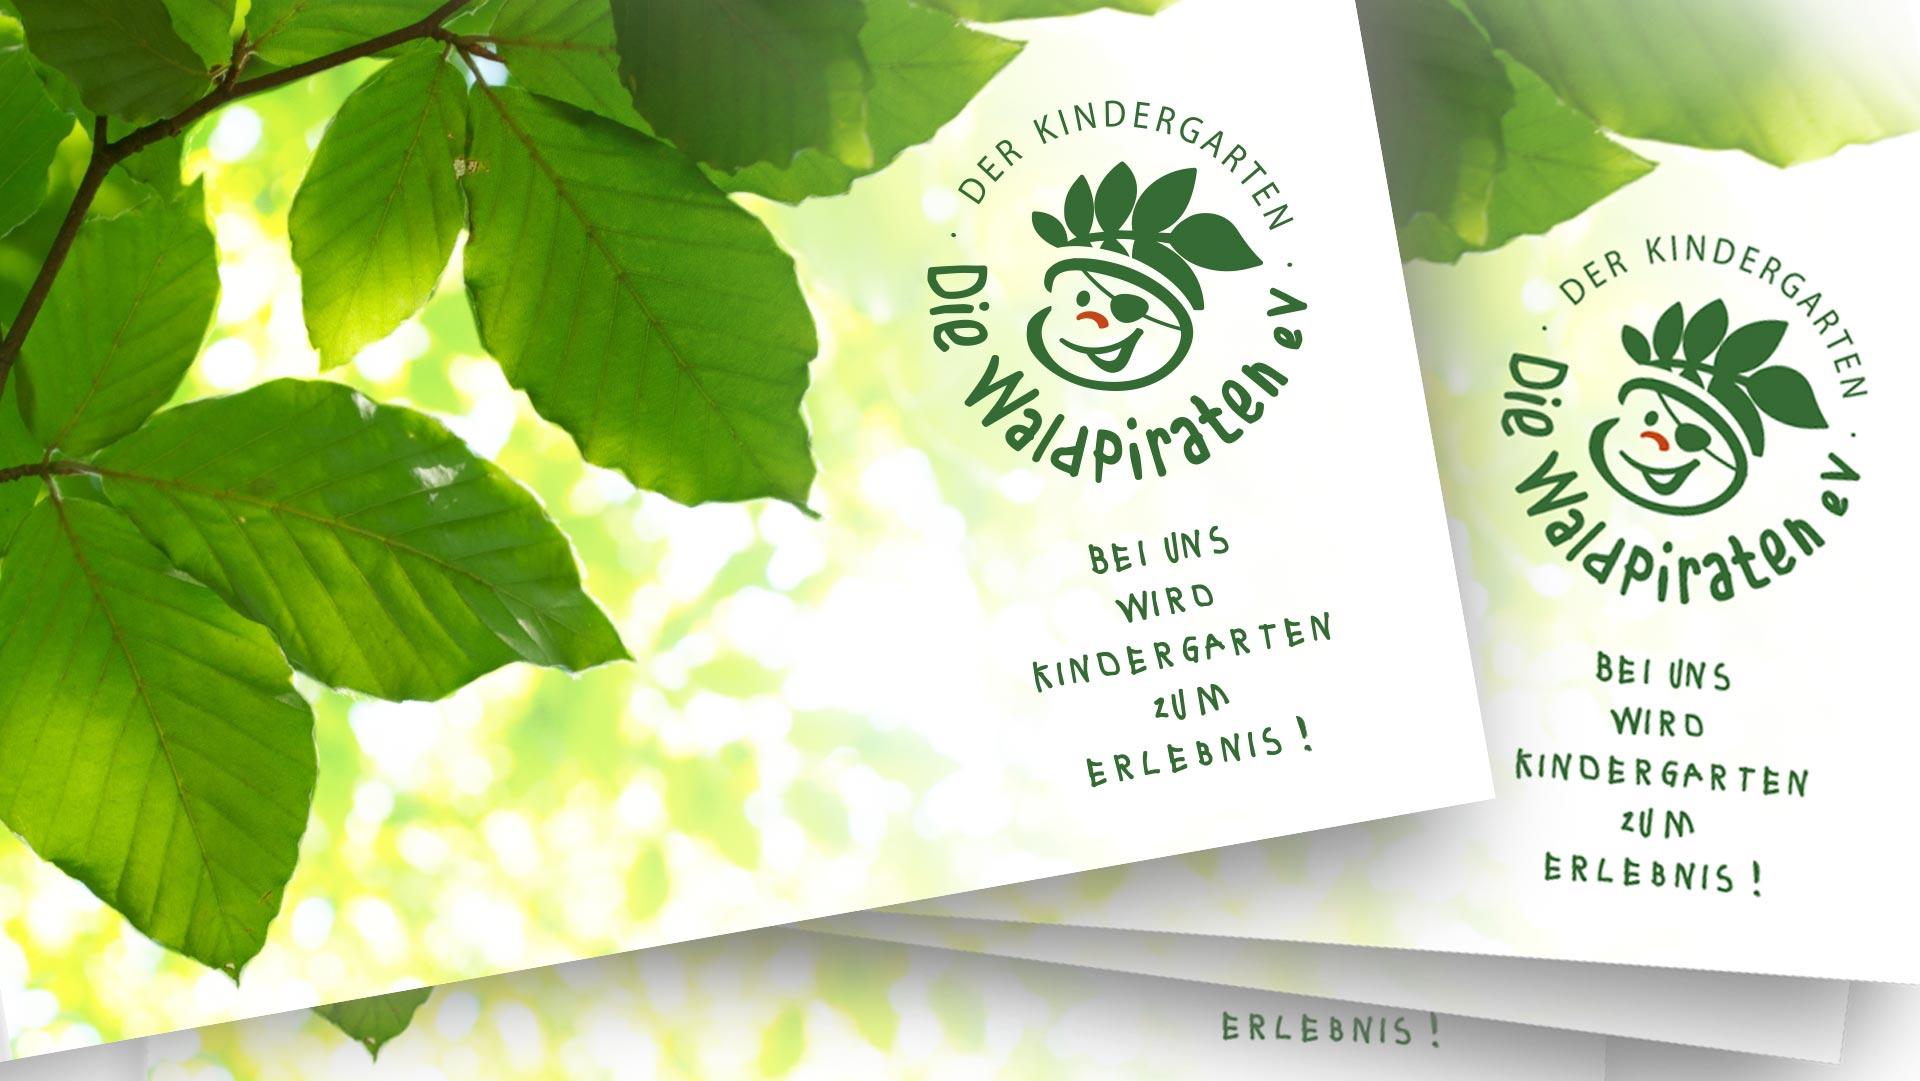 Vorderseite der Informationsbroschüre, darauf lichtdurchflutete Blätter, davor das Logo des Kindergartens Die Waldpiraten